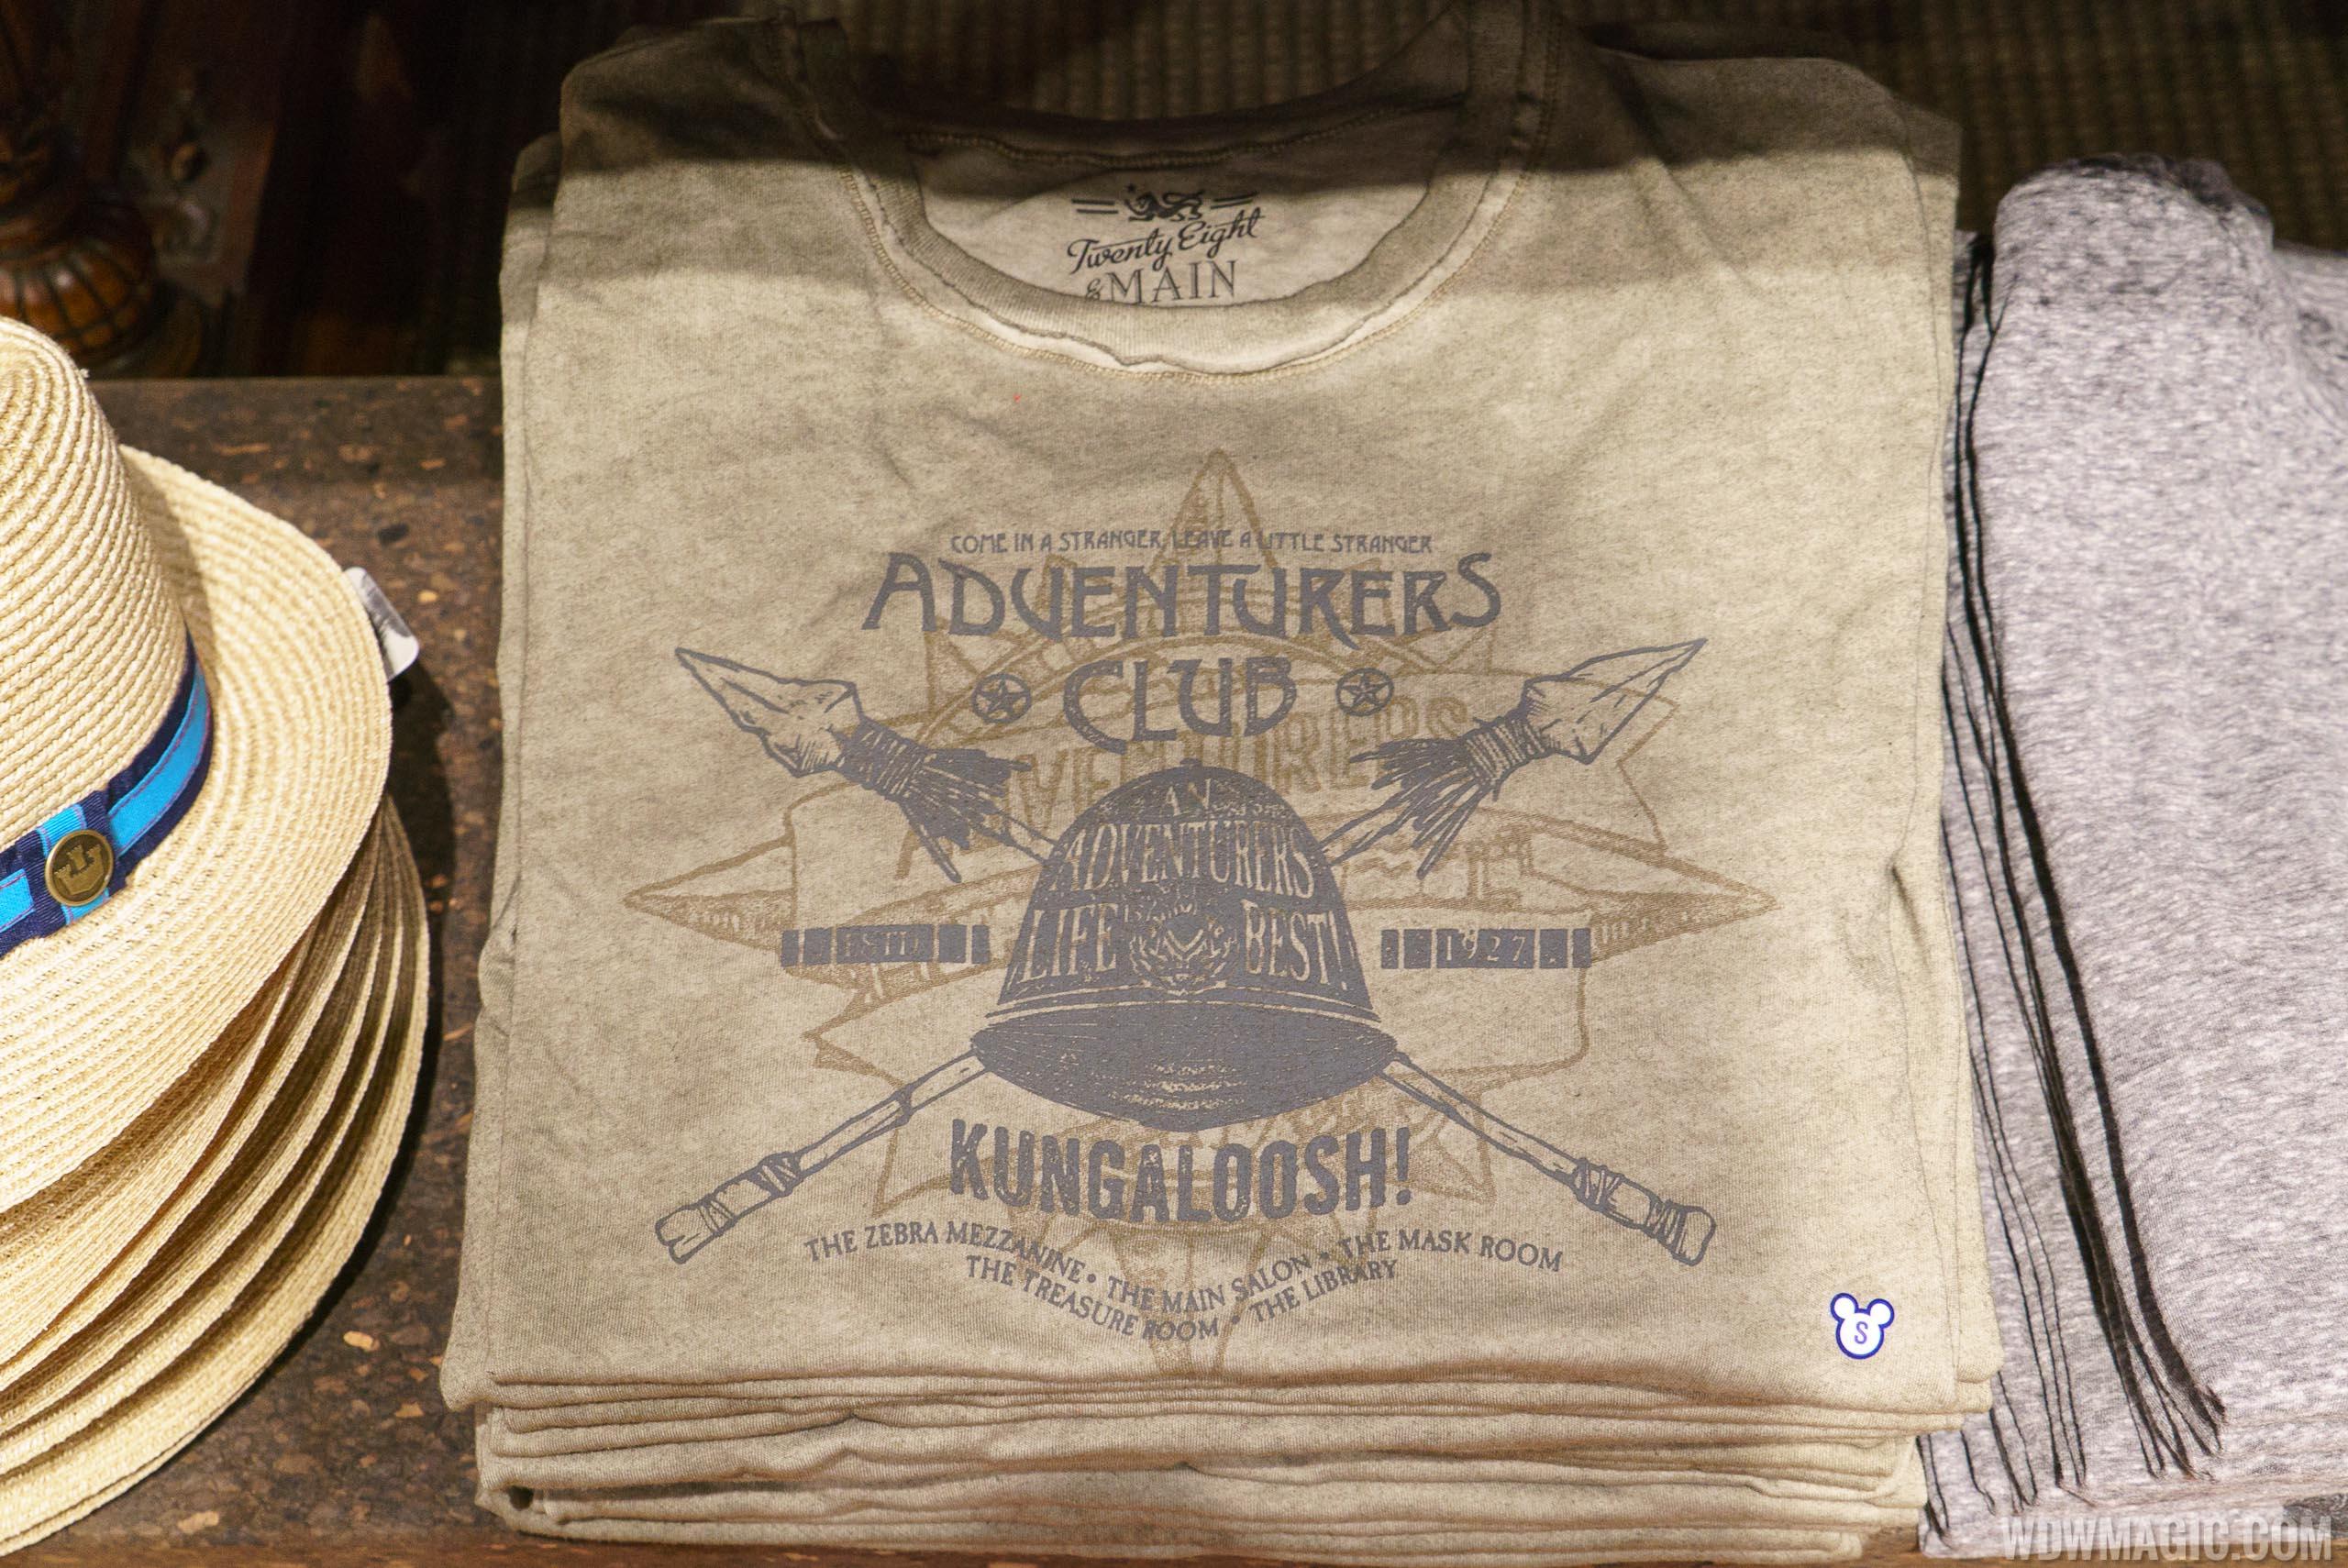 Adventurer's Club T-Shirt